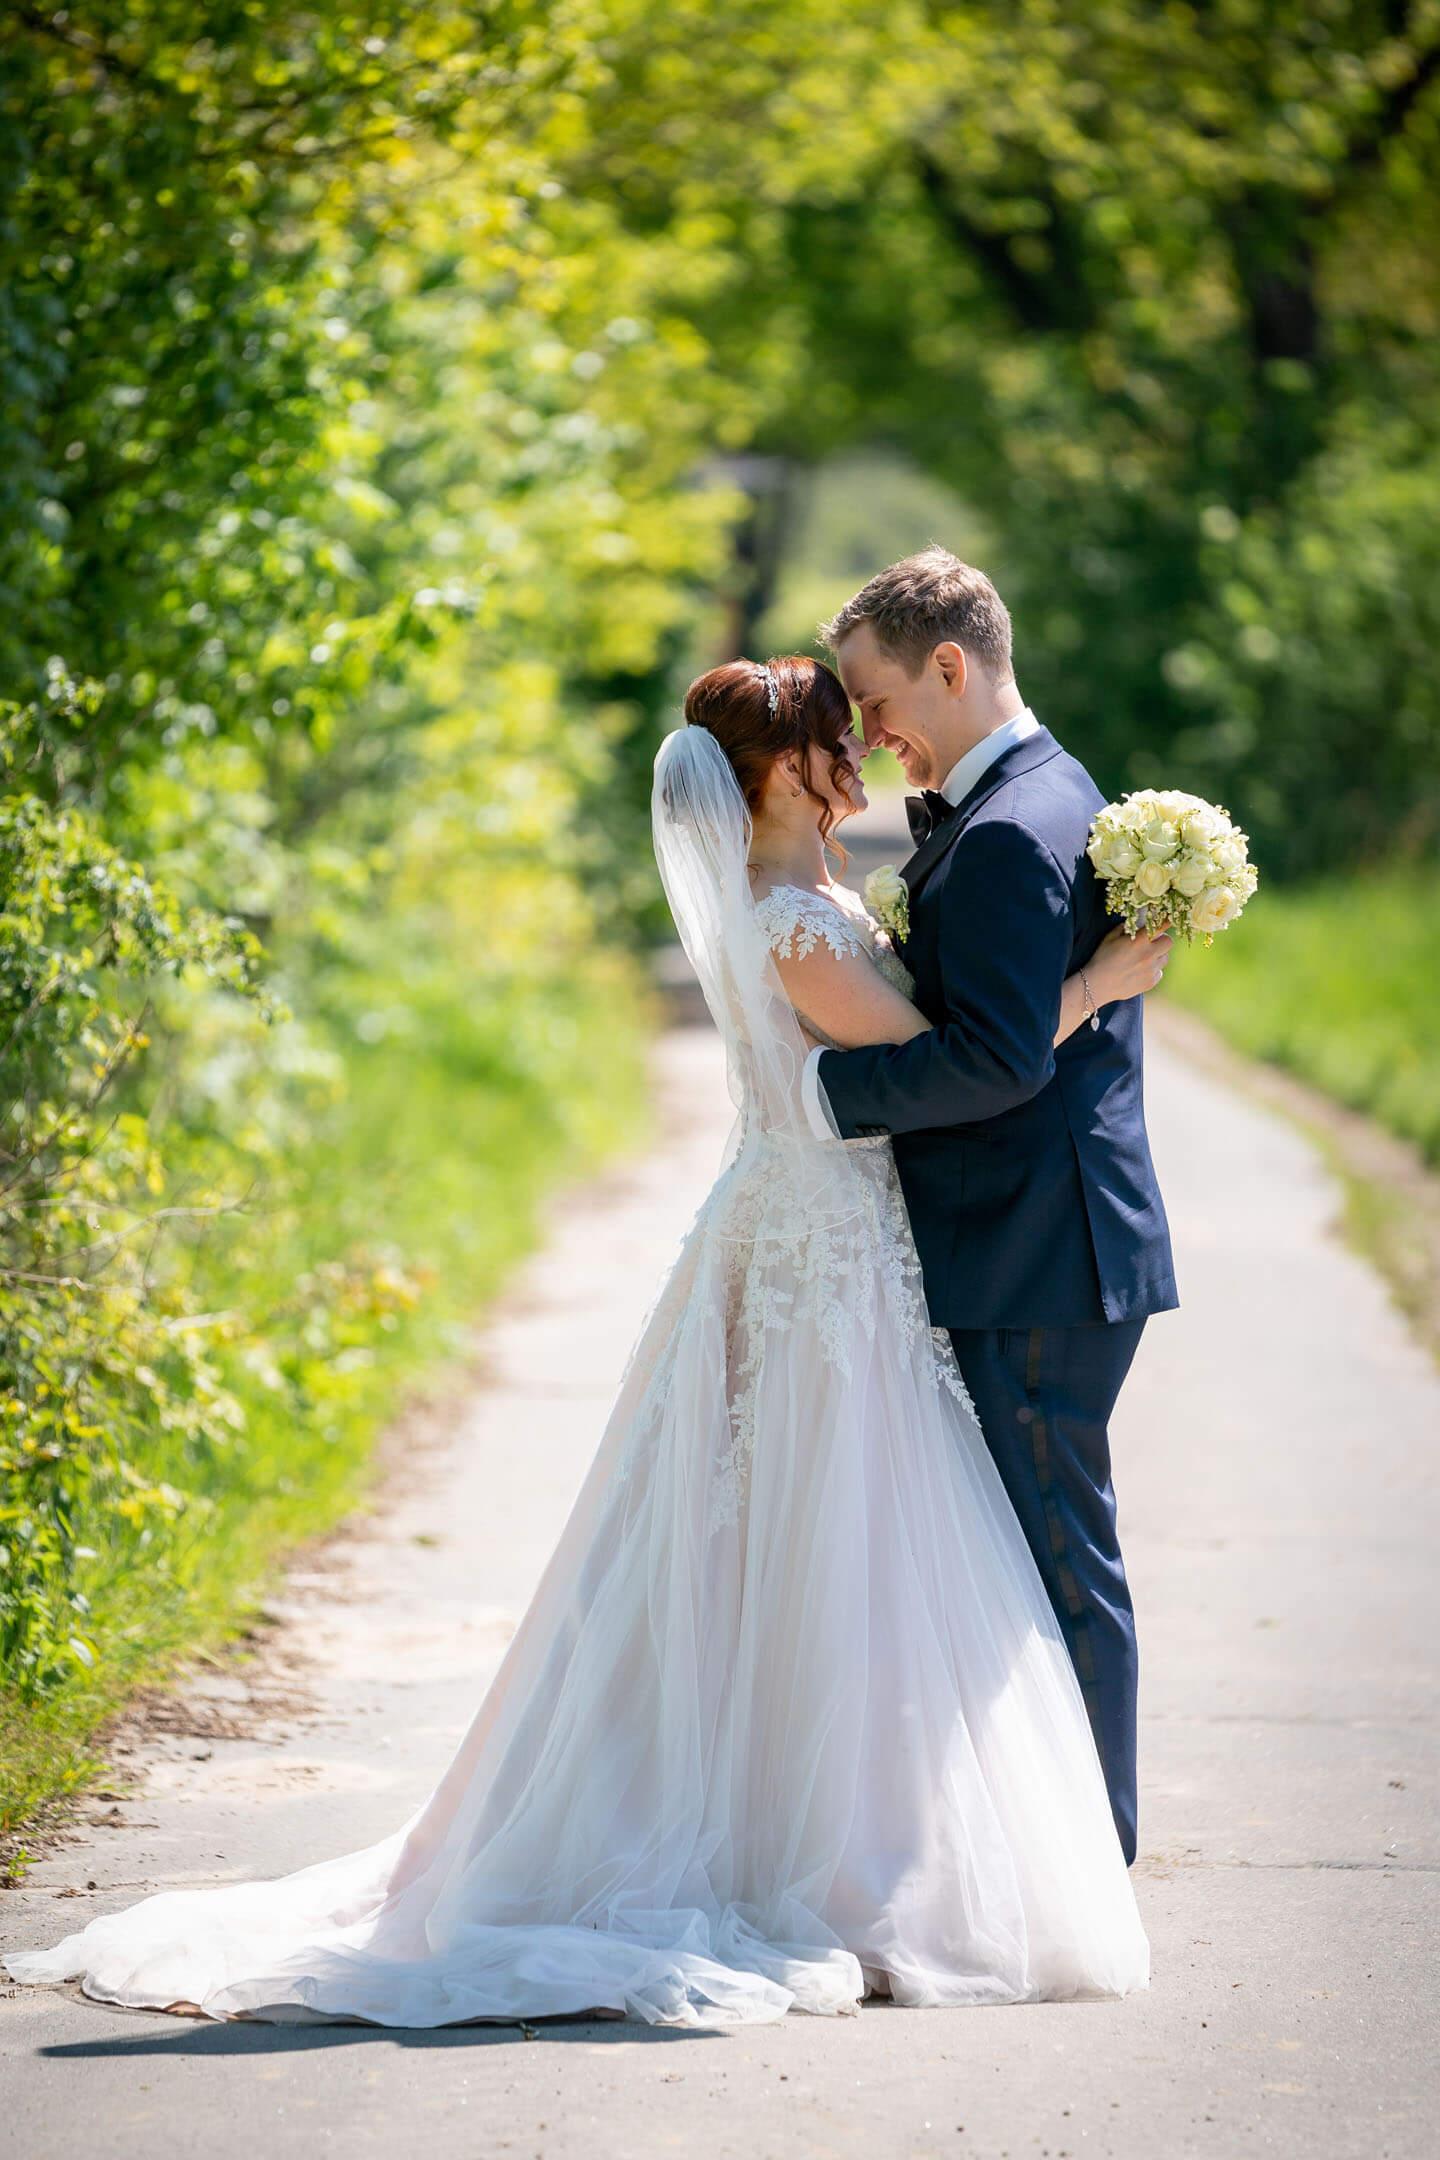 Brautpaar auf einer Baumallee